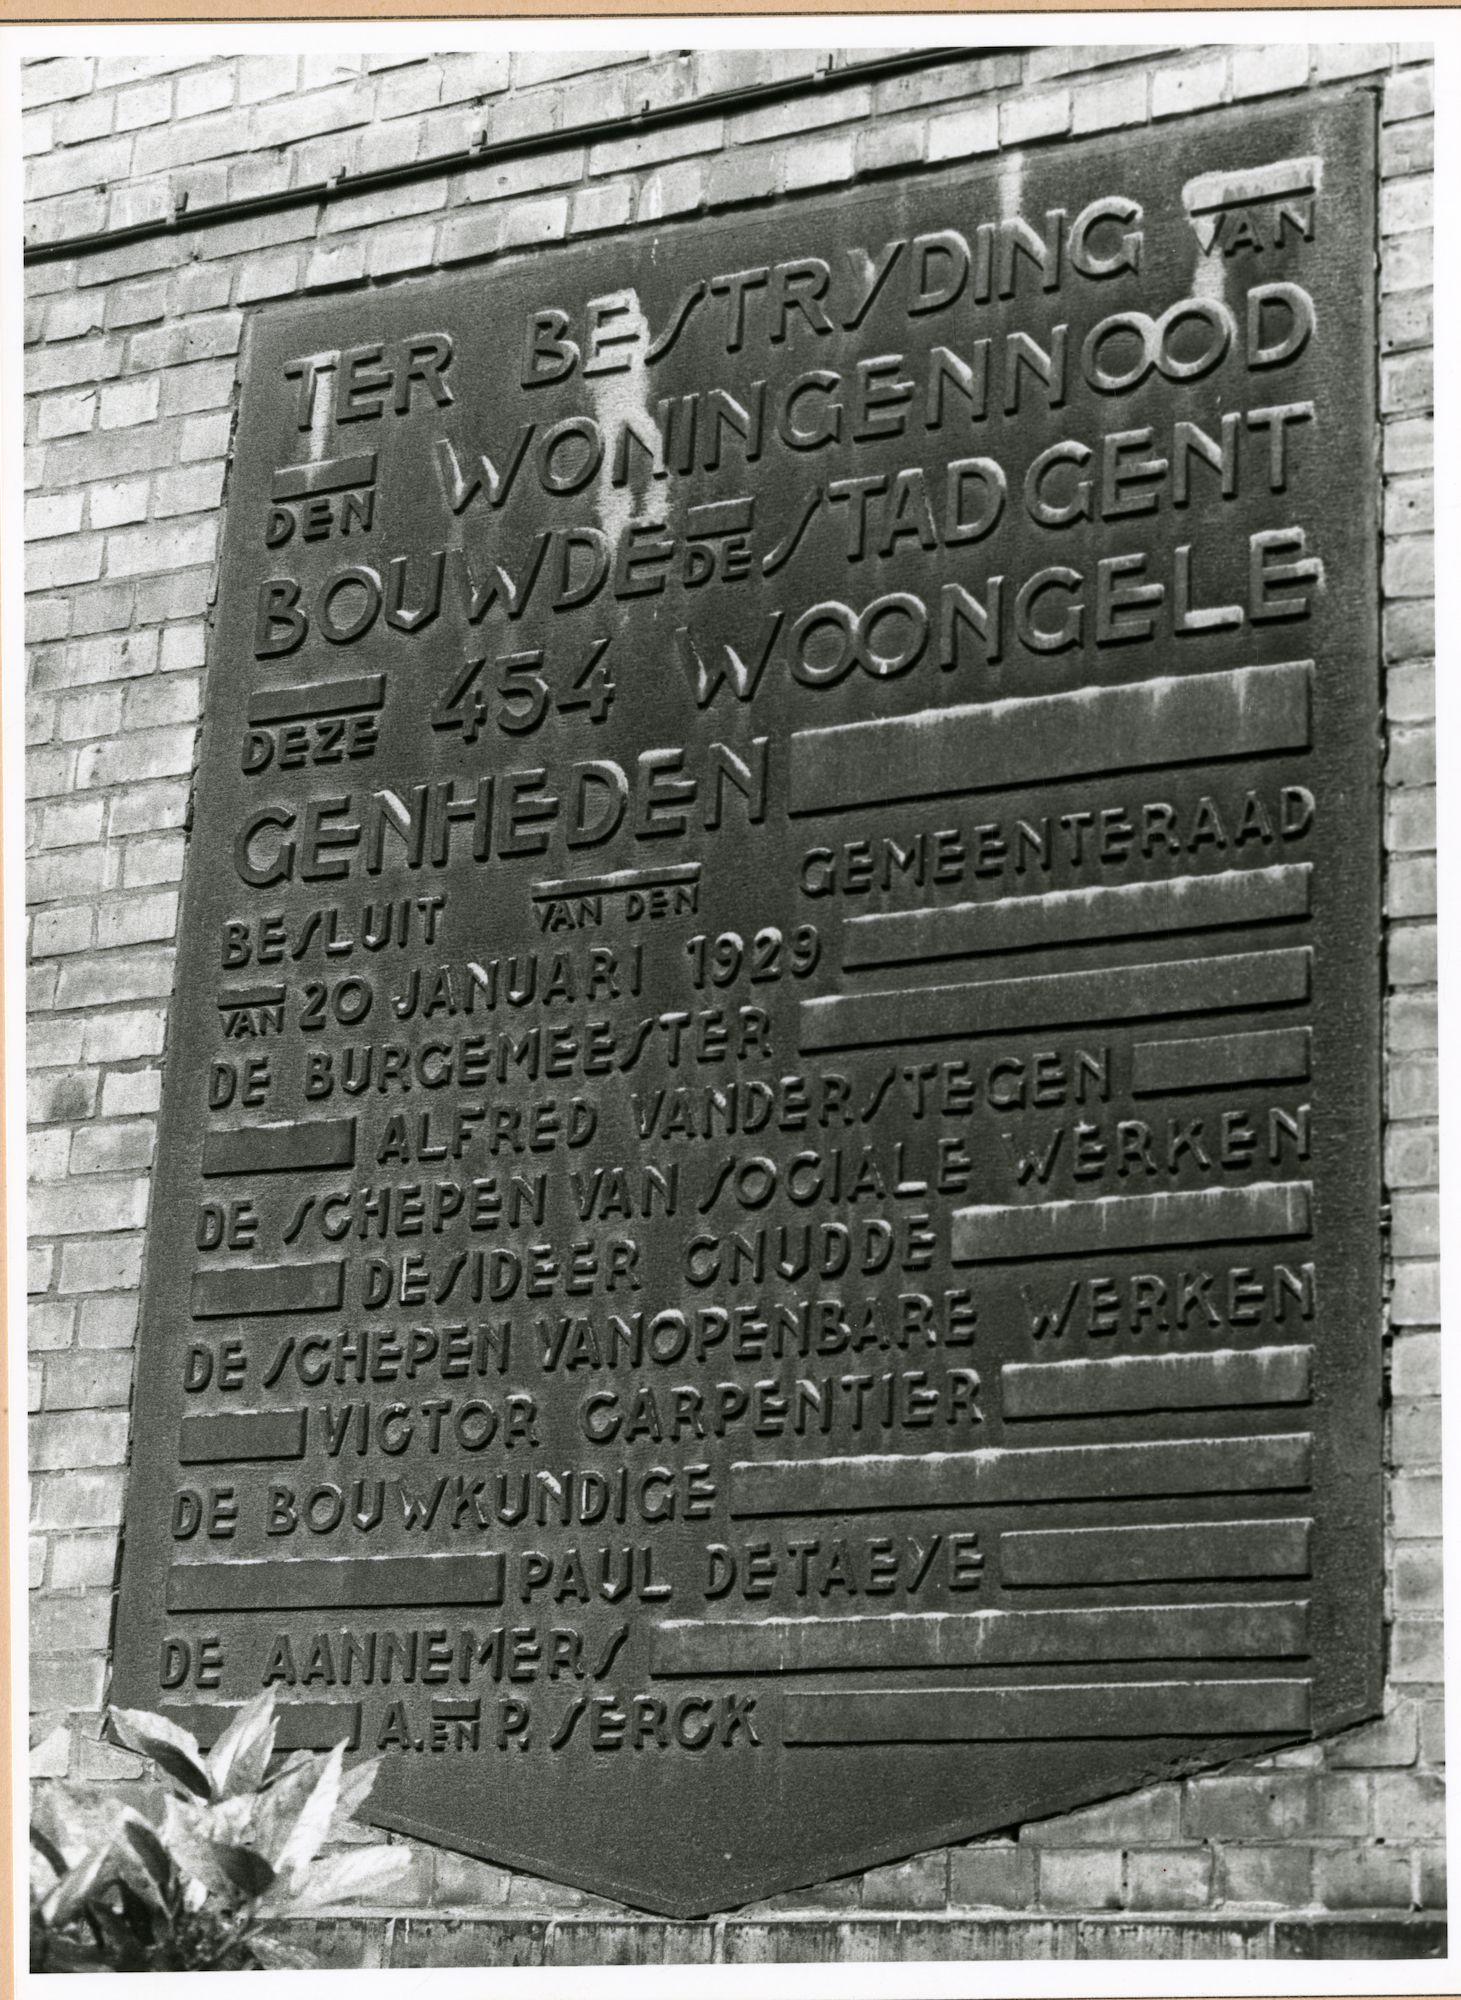 Gent: Emile Moysonlaan 1-35: gedenkplaat: Stad Gent, 1980